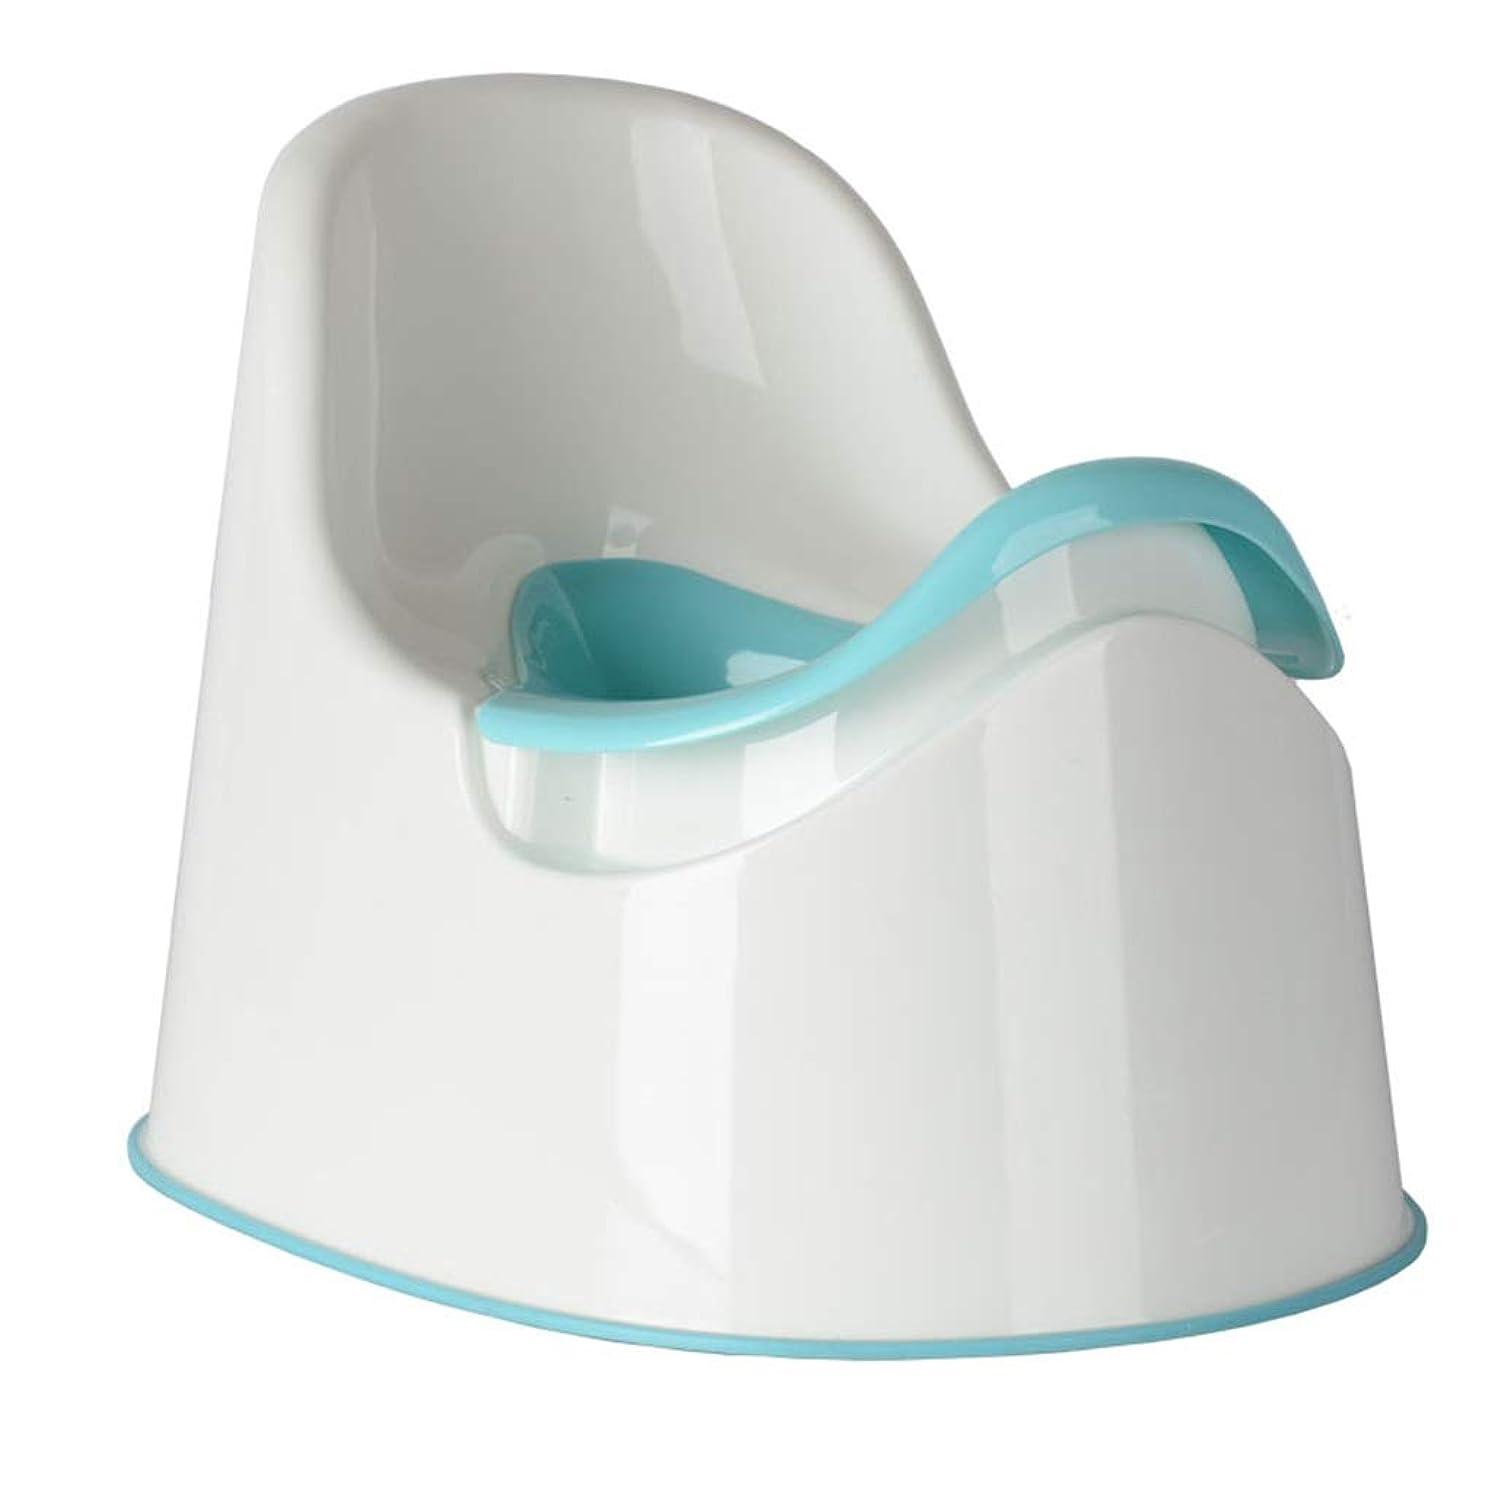 航空スキッパー政治的子供用トイレポータブル1-3男の子と女の子の家庭用トイレ